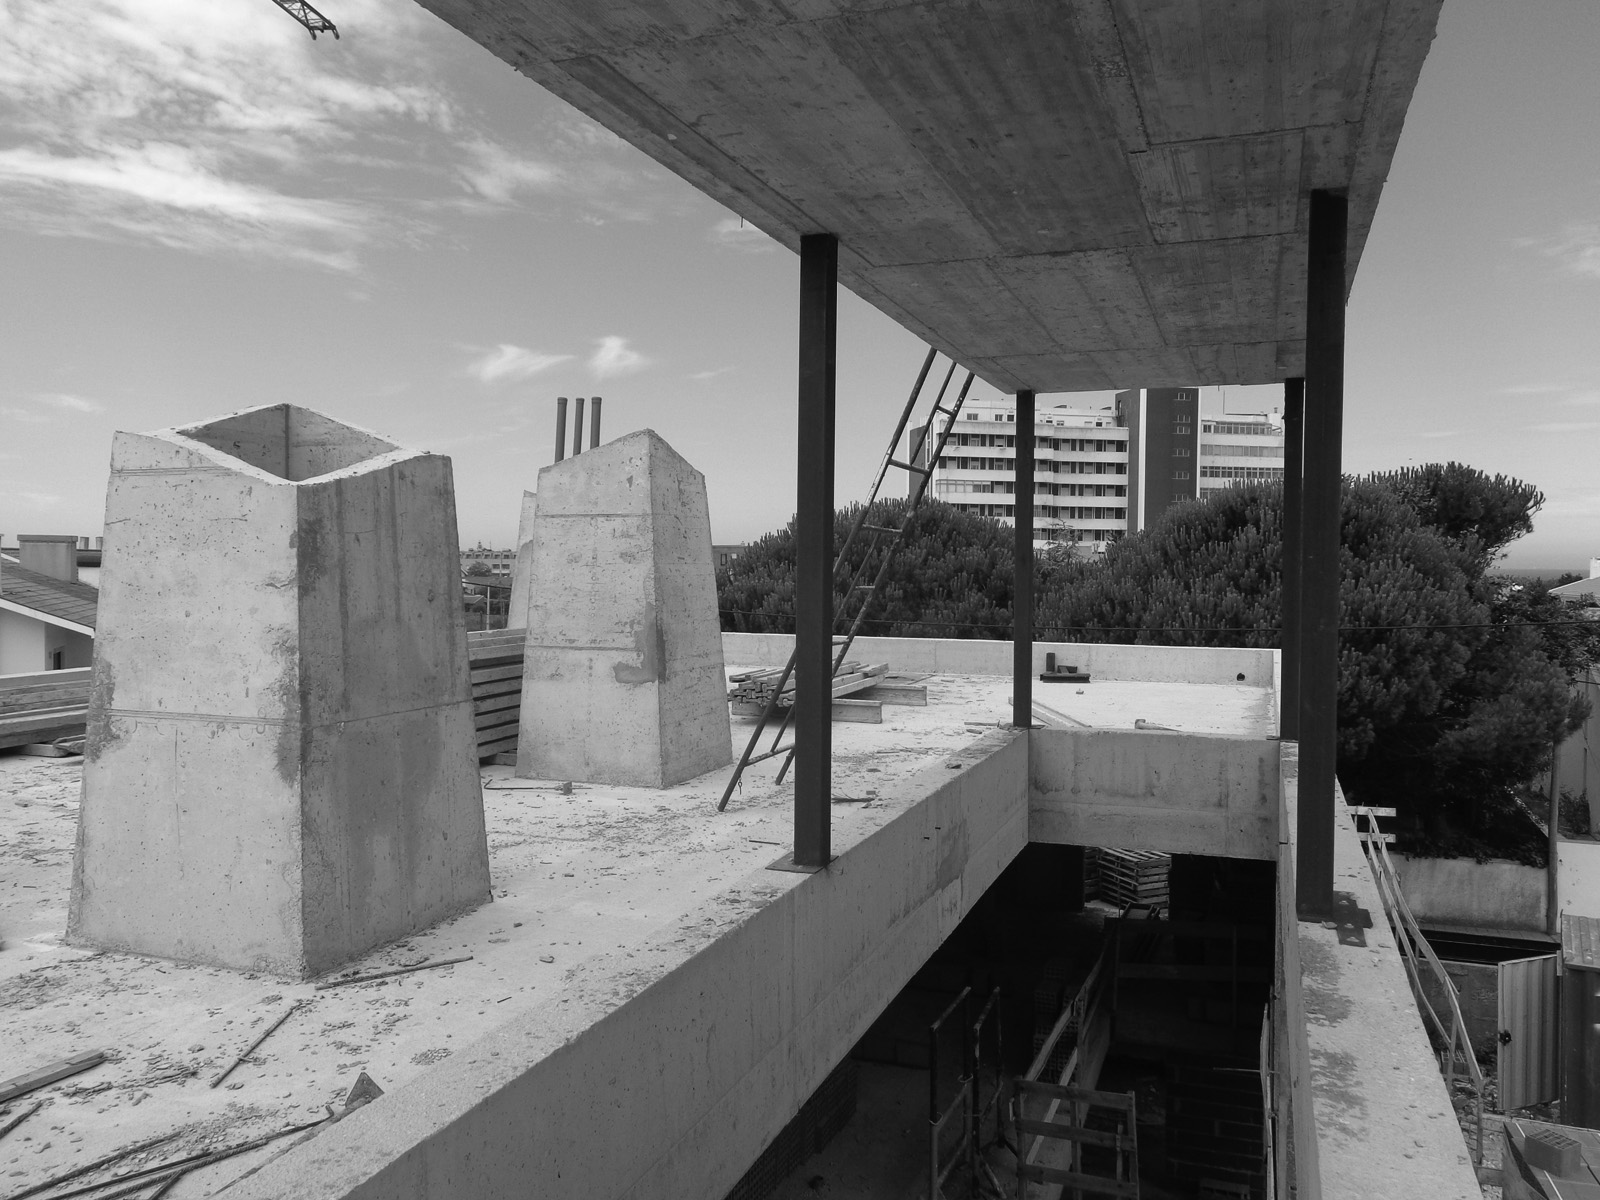 Moradia Alfazema - EVA evolutionary architecture - vila nova de gaia - arquitecto - porto (31).jpg